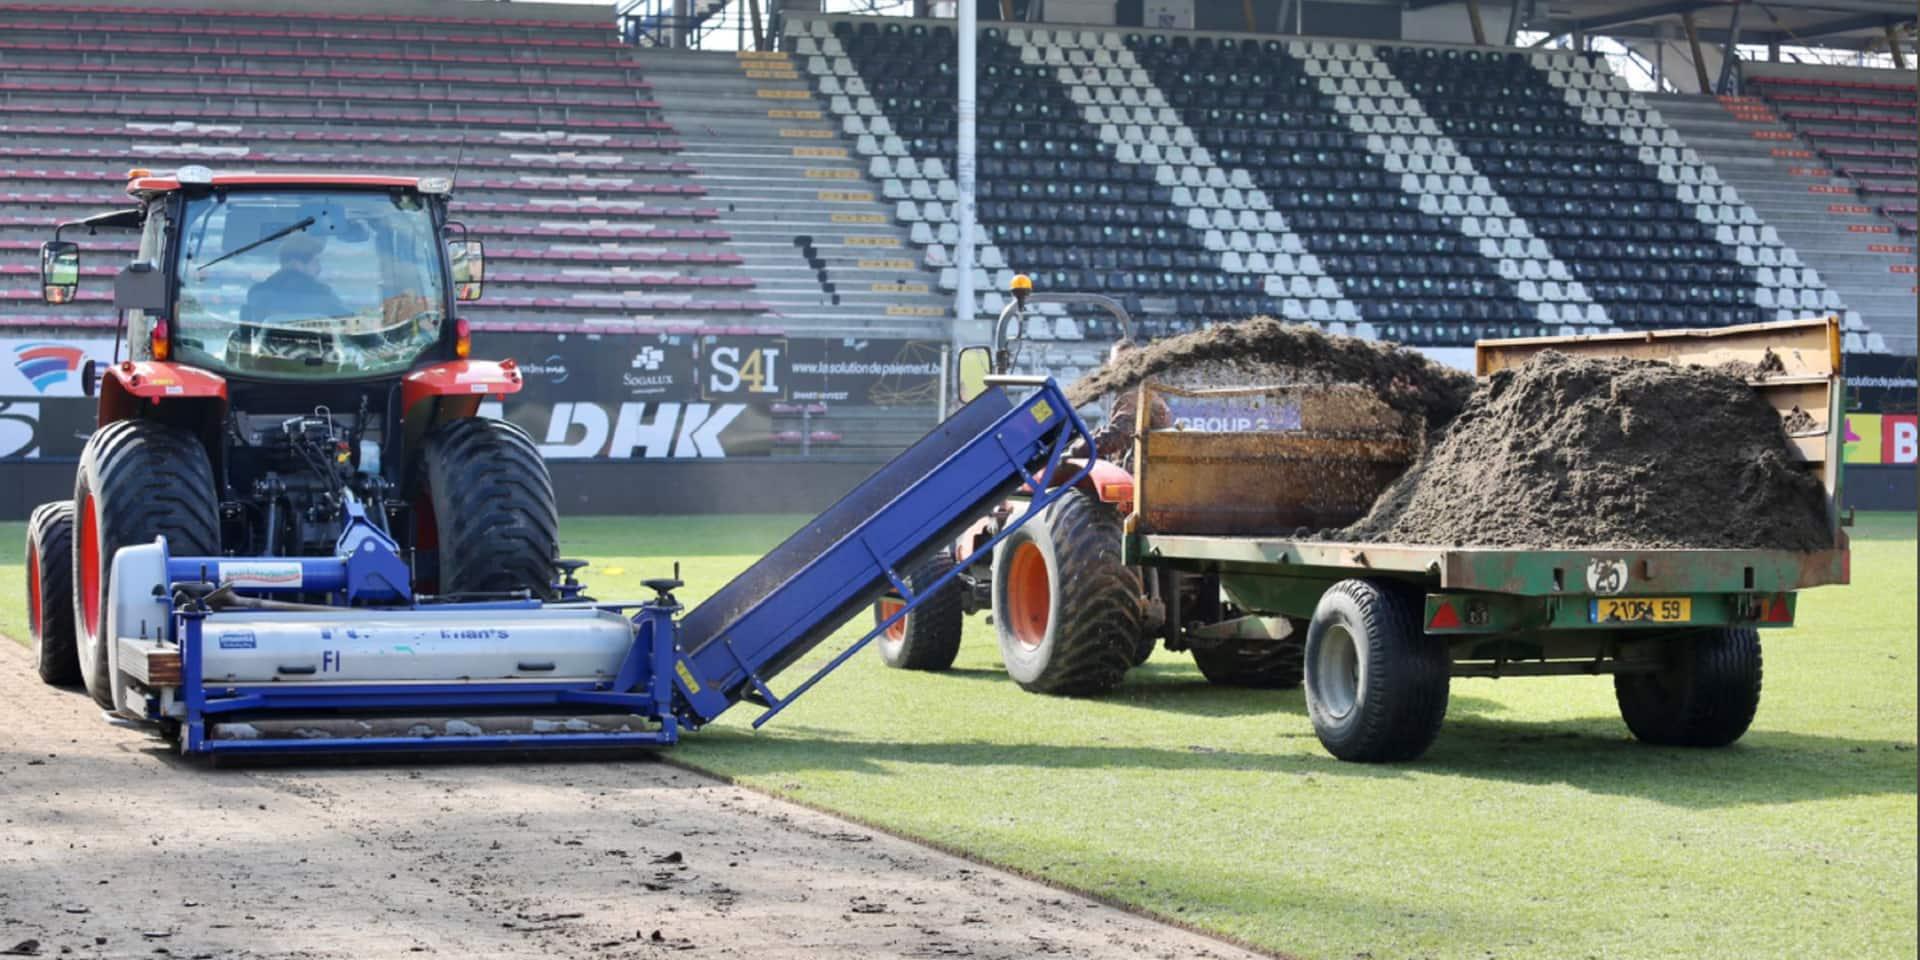 Bientôt un nouveau gazon au Sporting de Charleroi (PHOTOS)